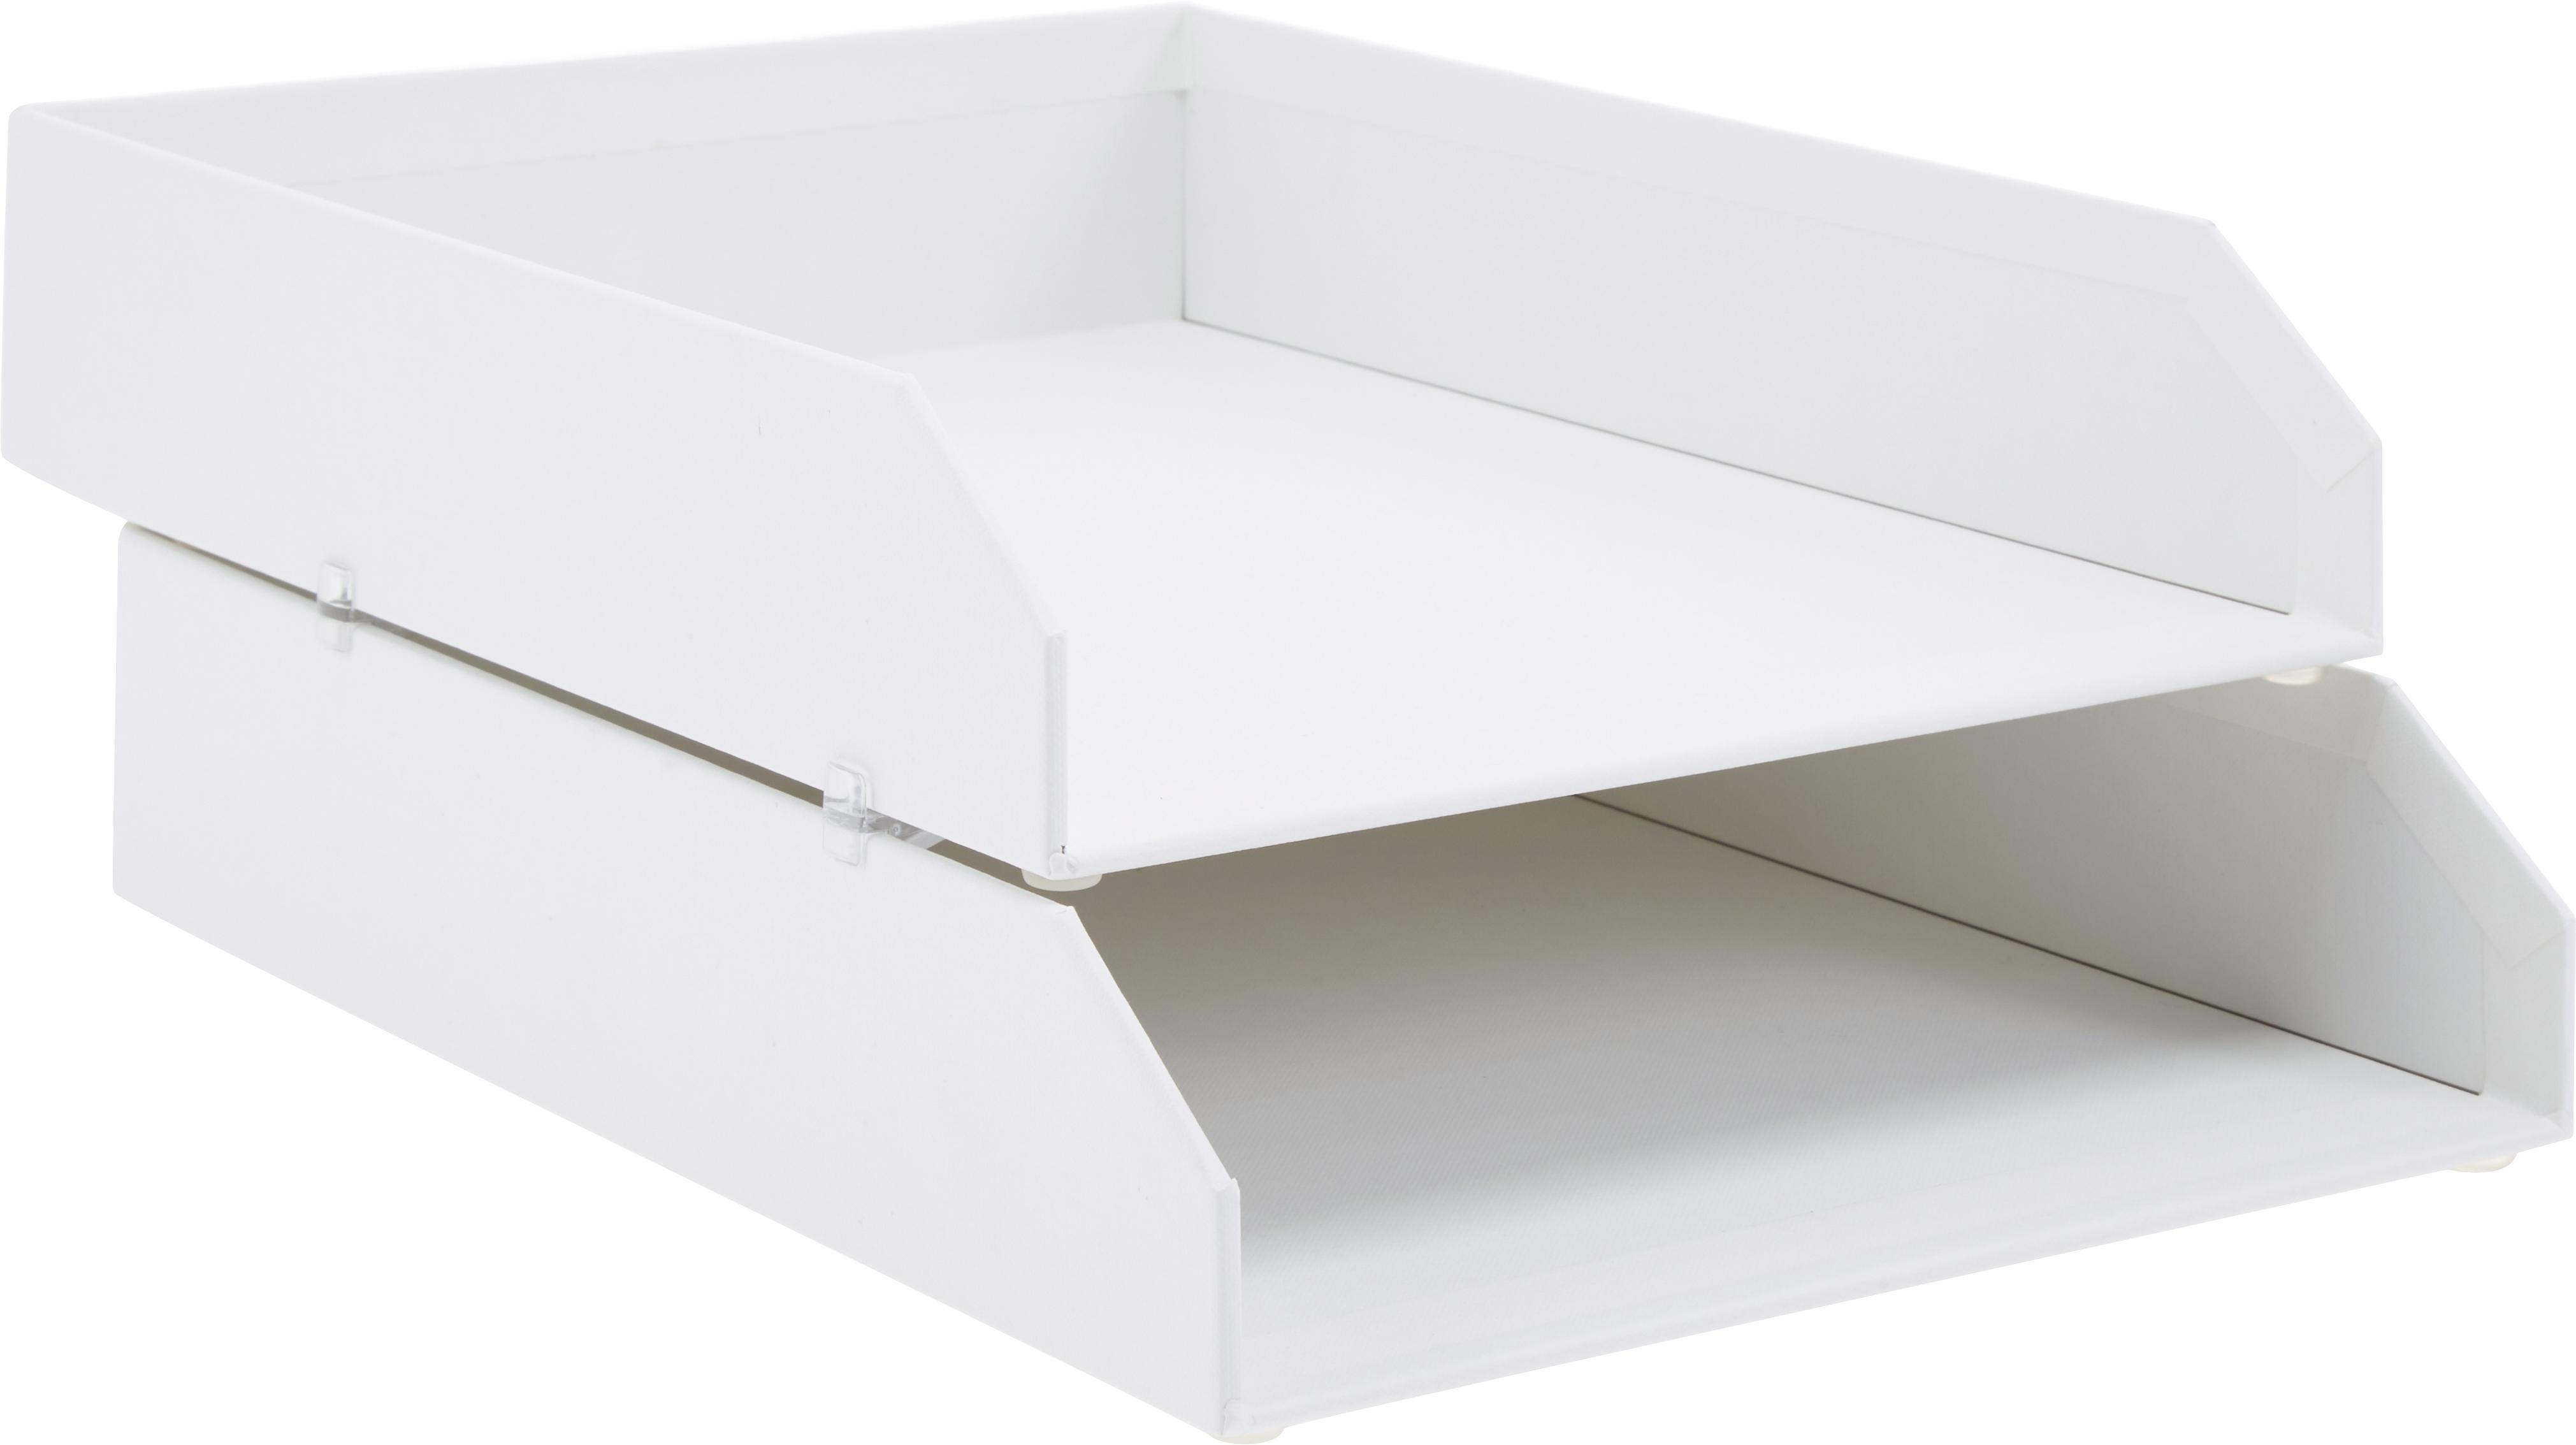 Organizadores de documentos Hakan, 2uds., Cartón laminado macizo, Blanco, An 23 x F 31 cm